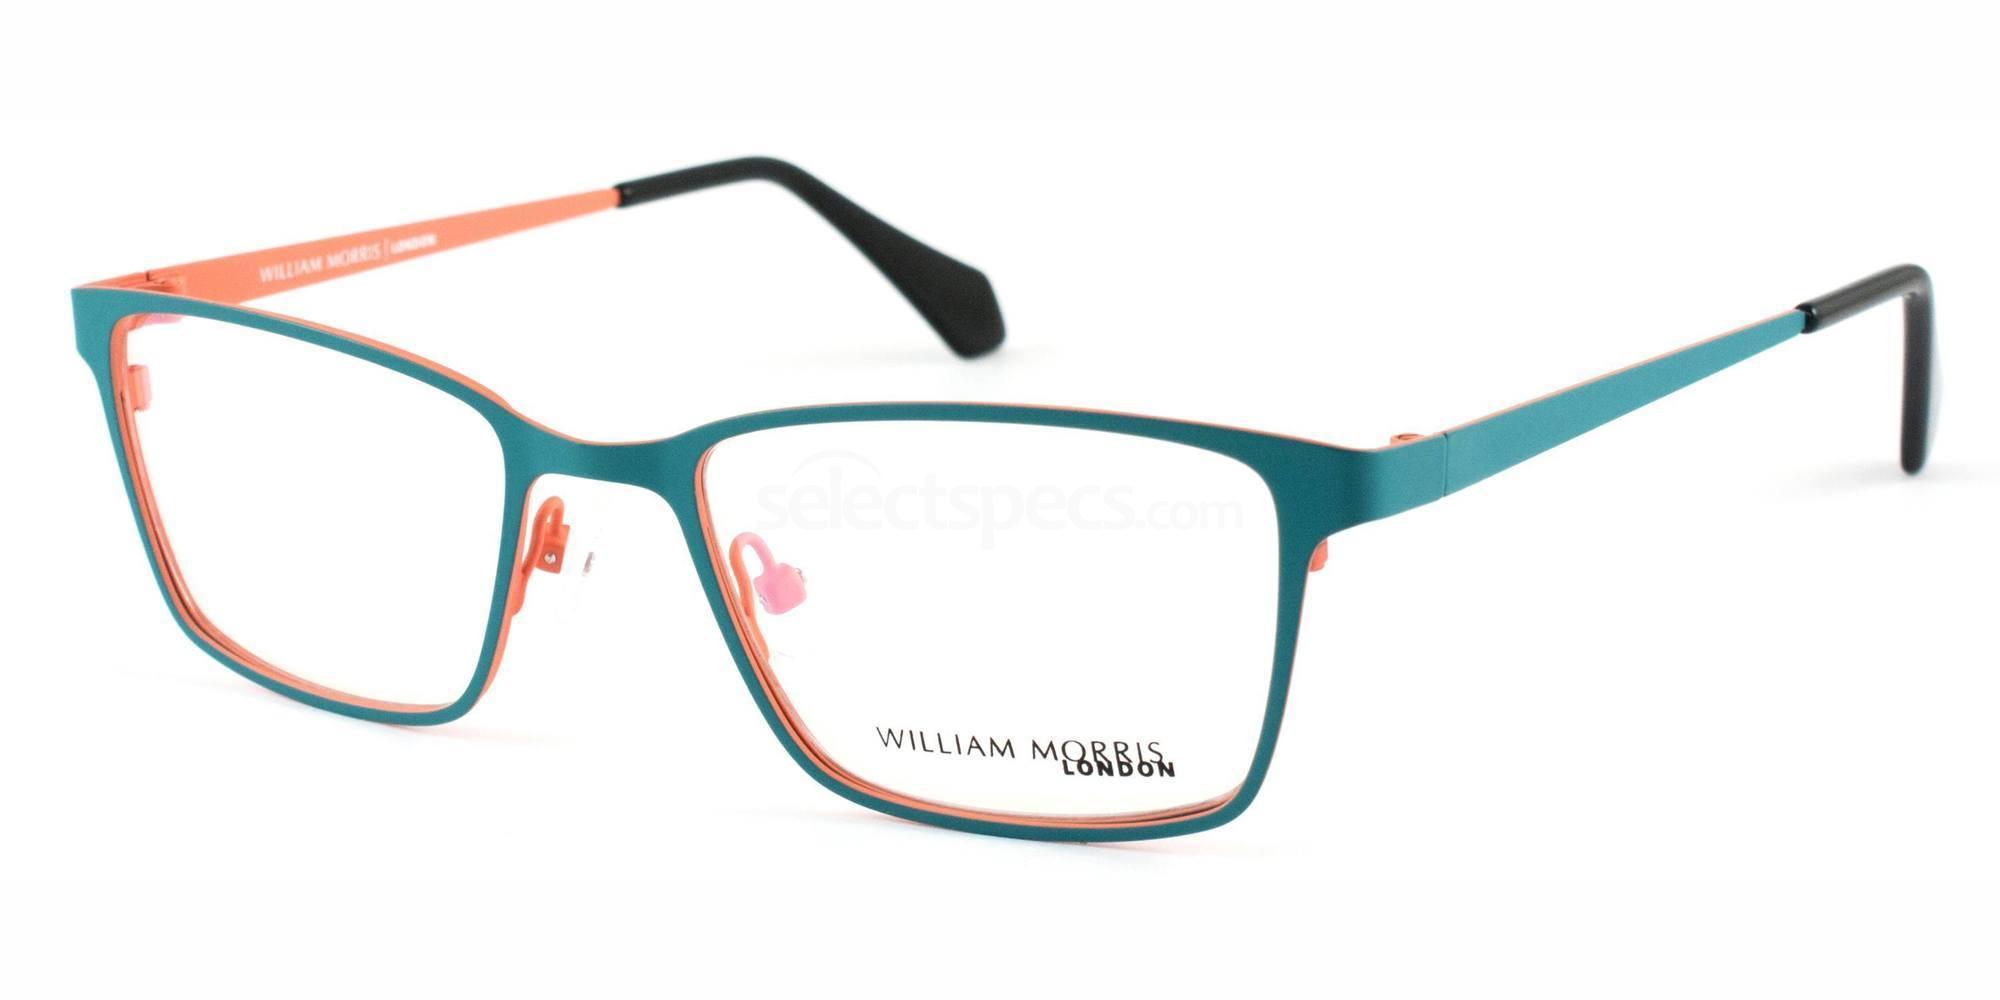 C1 WL1012 Glasses, William Morris London